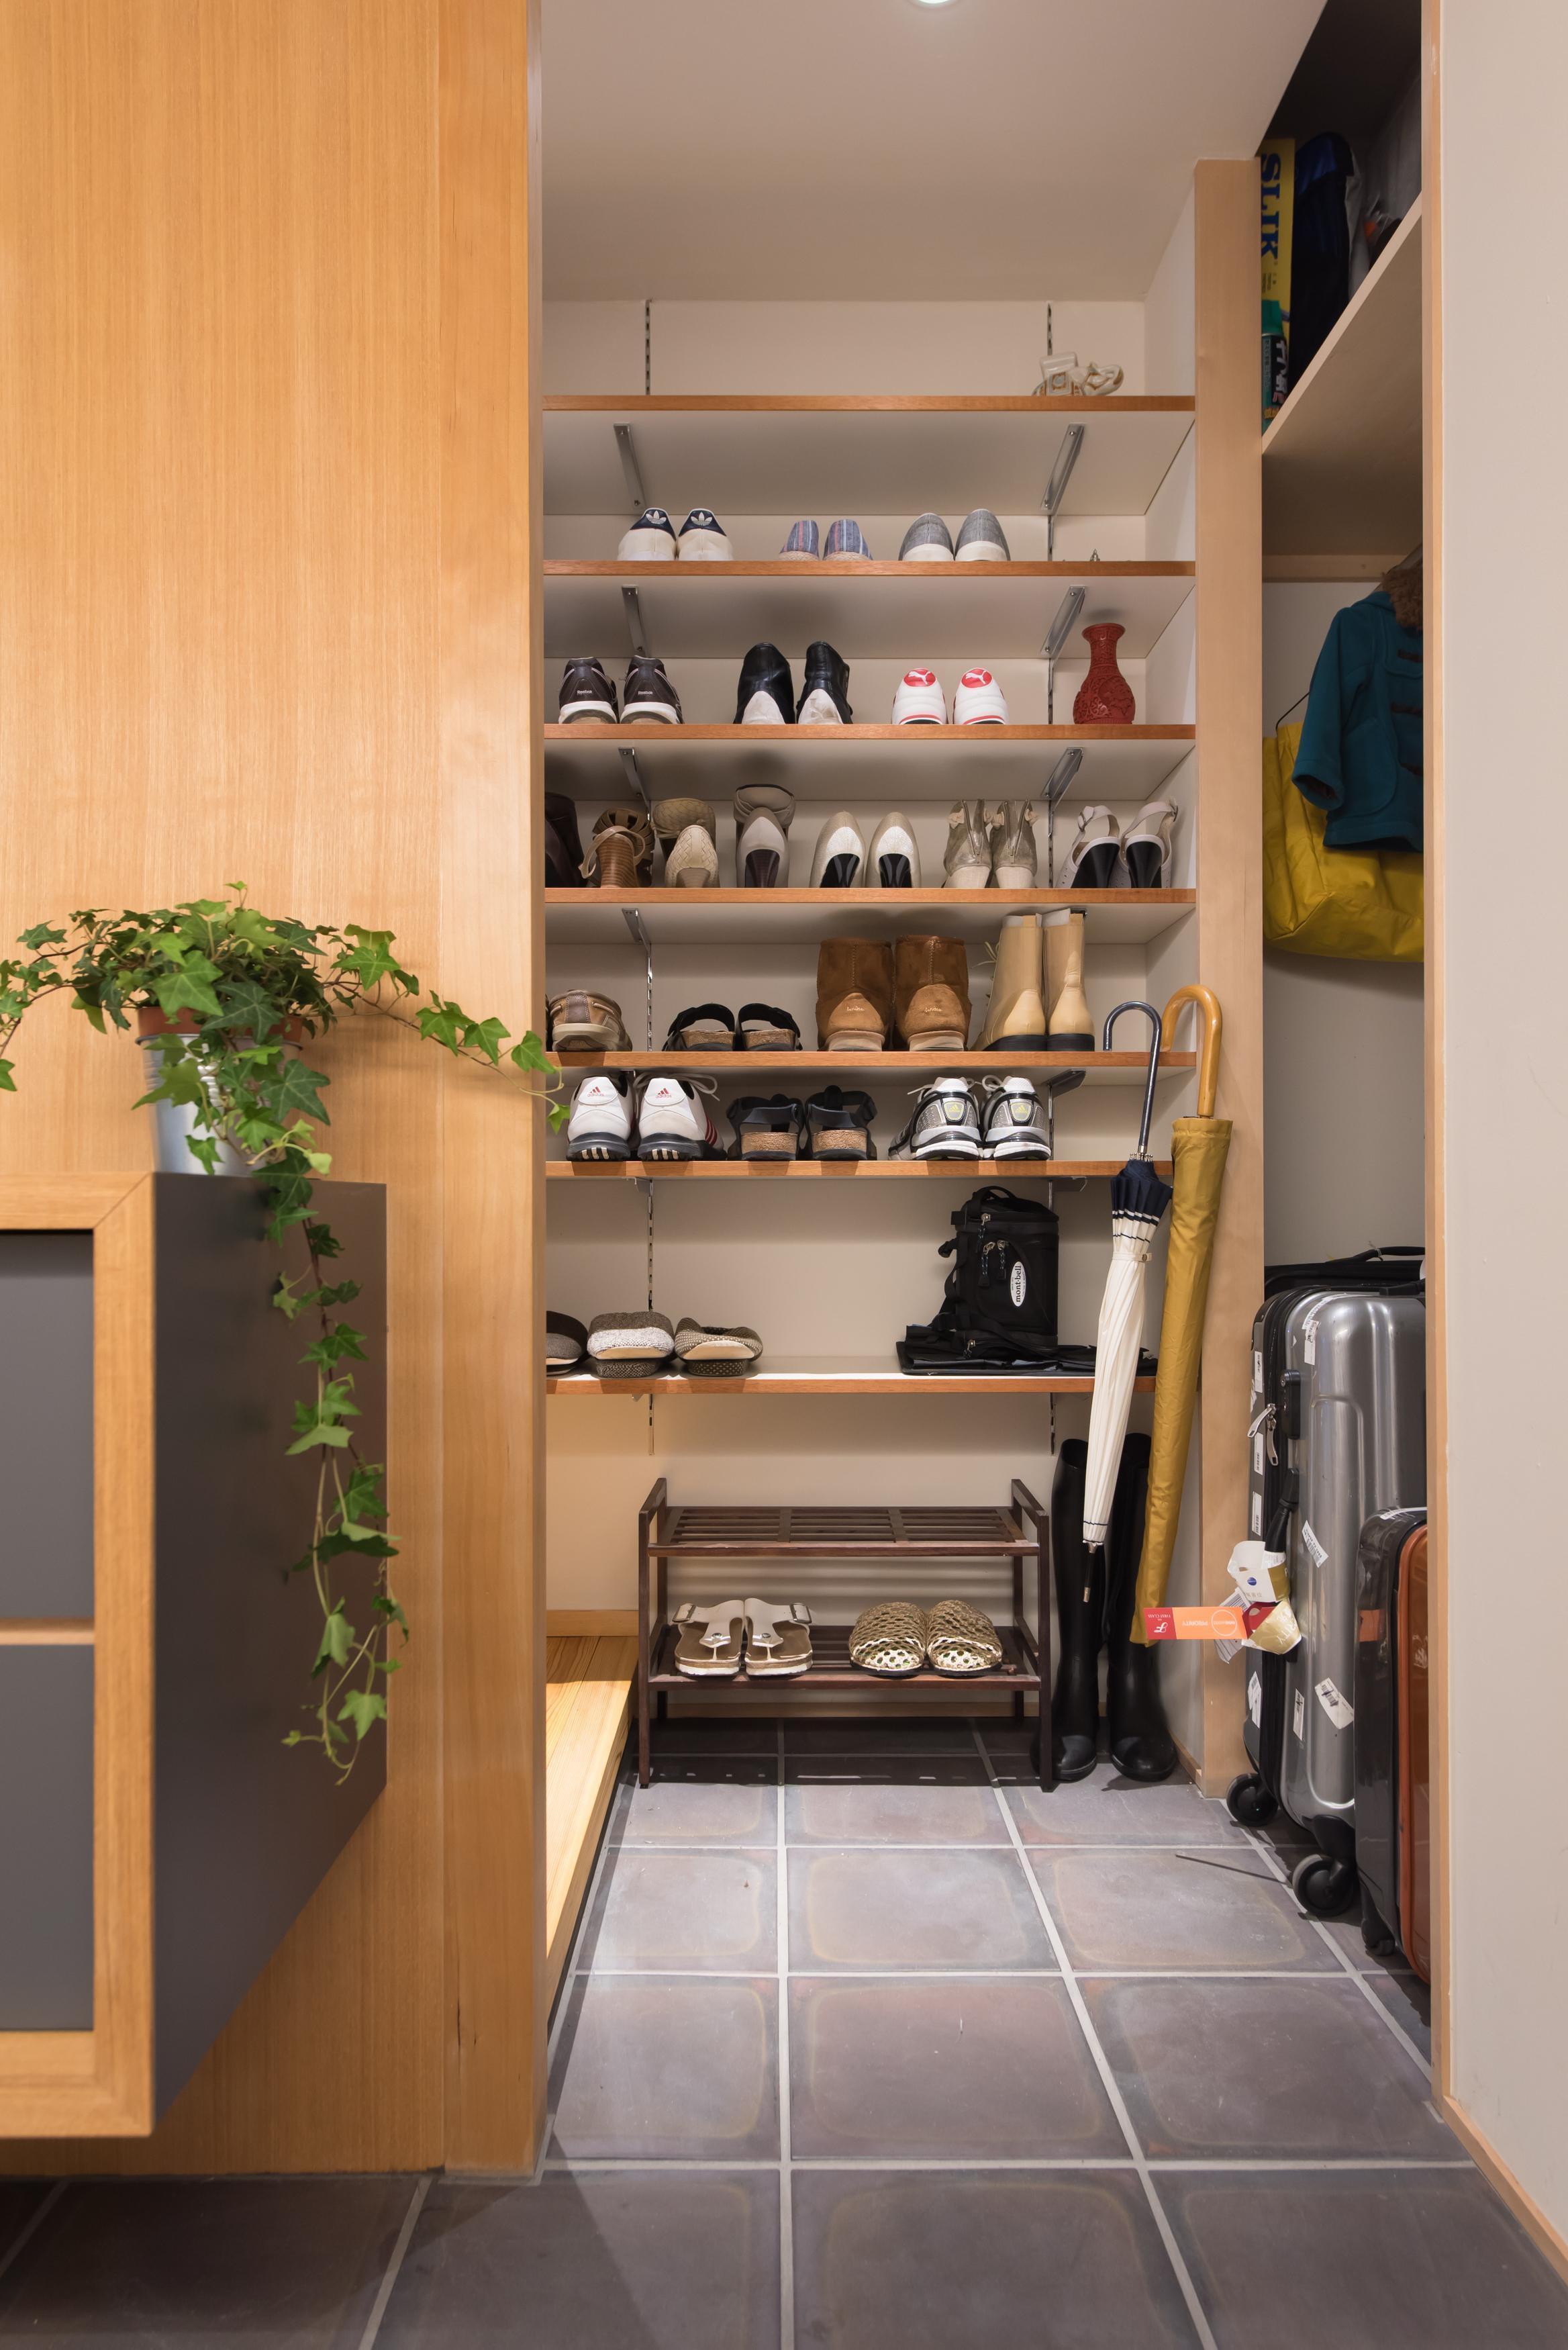 土間、玄関土間、リノベーション、マンションリノベーション、ハンズデザイン一級建築士事務所